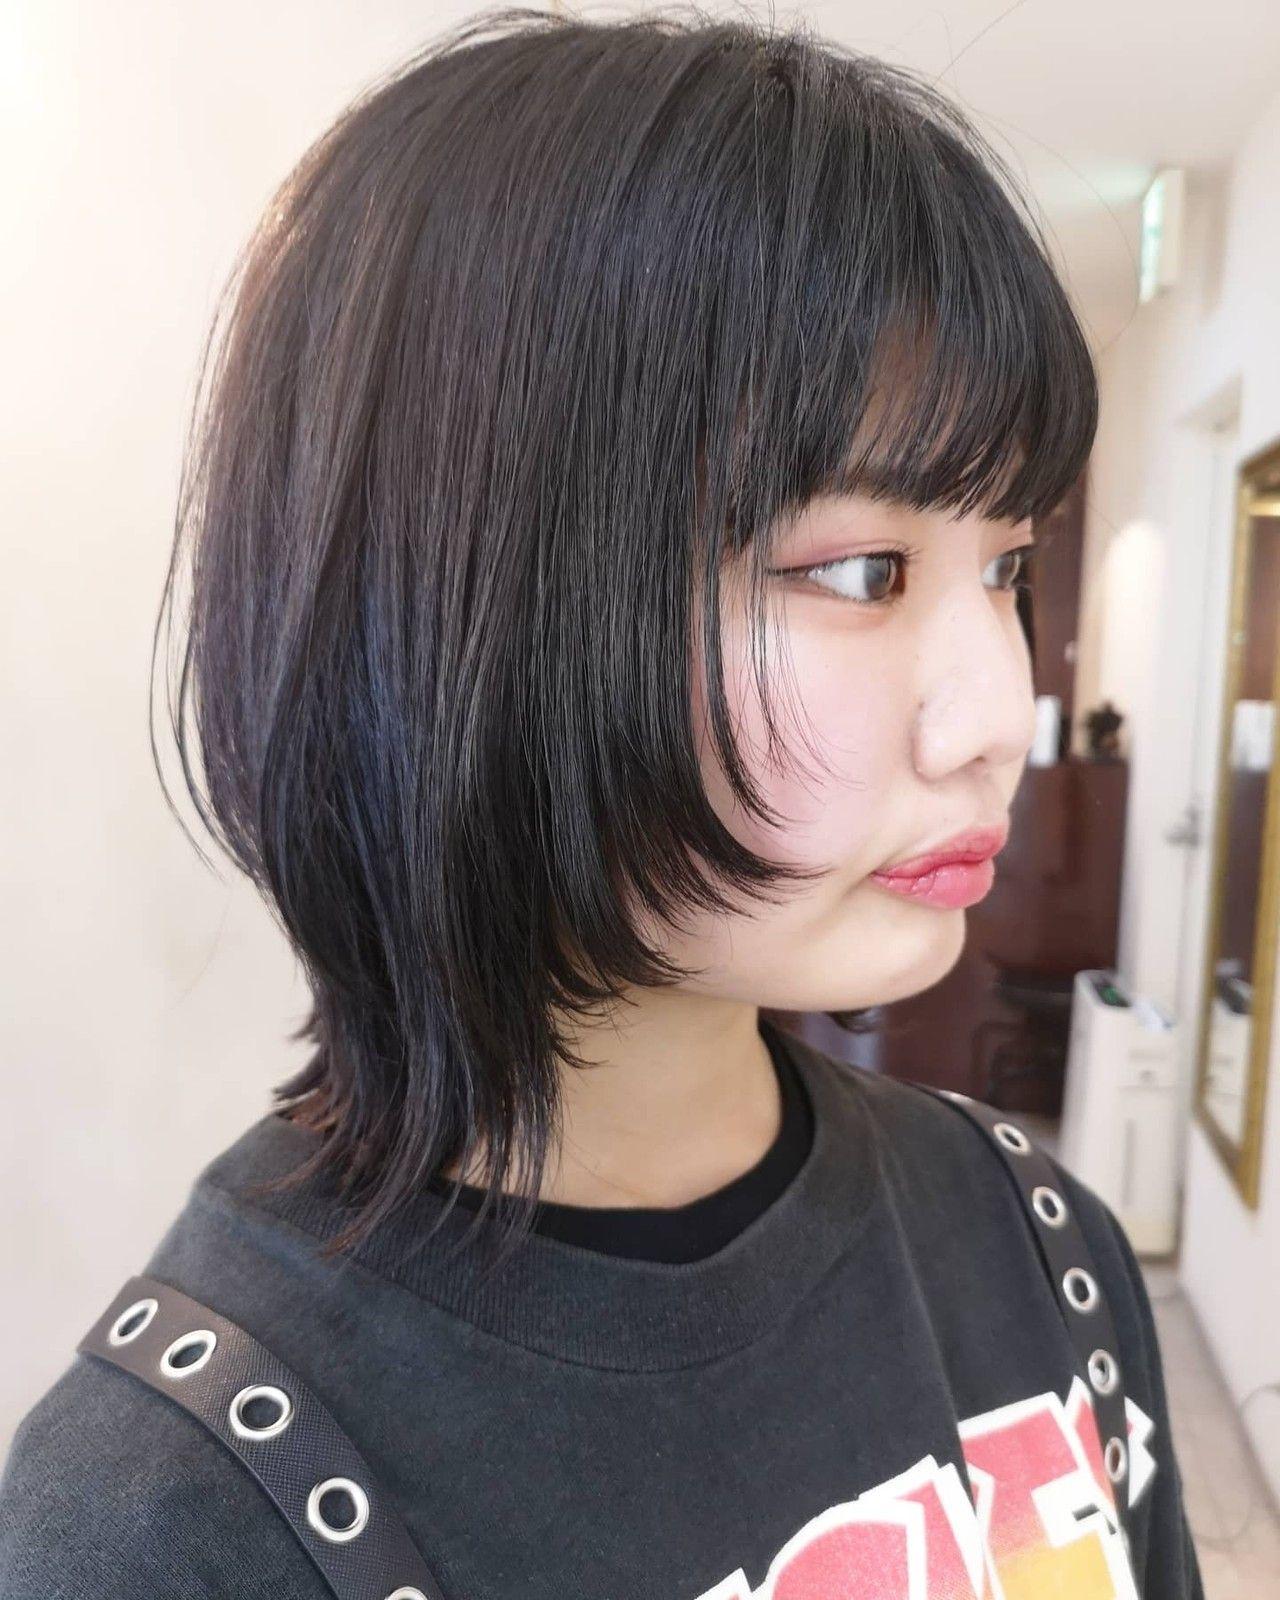 ミディアム ウルフレイヤー ウルフ ウルフカット Hair S Lunetta 心斎橋 Yusuke Matsumoto 544265 Hair 個性的 ヘアスタイル レイヤーカットヘア ヘアスタイリング